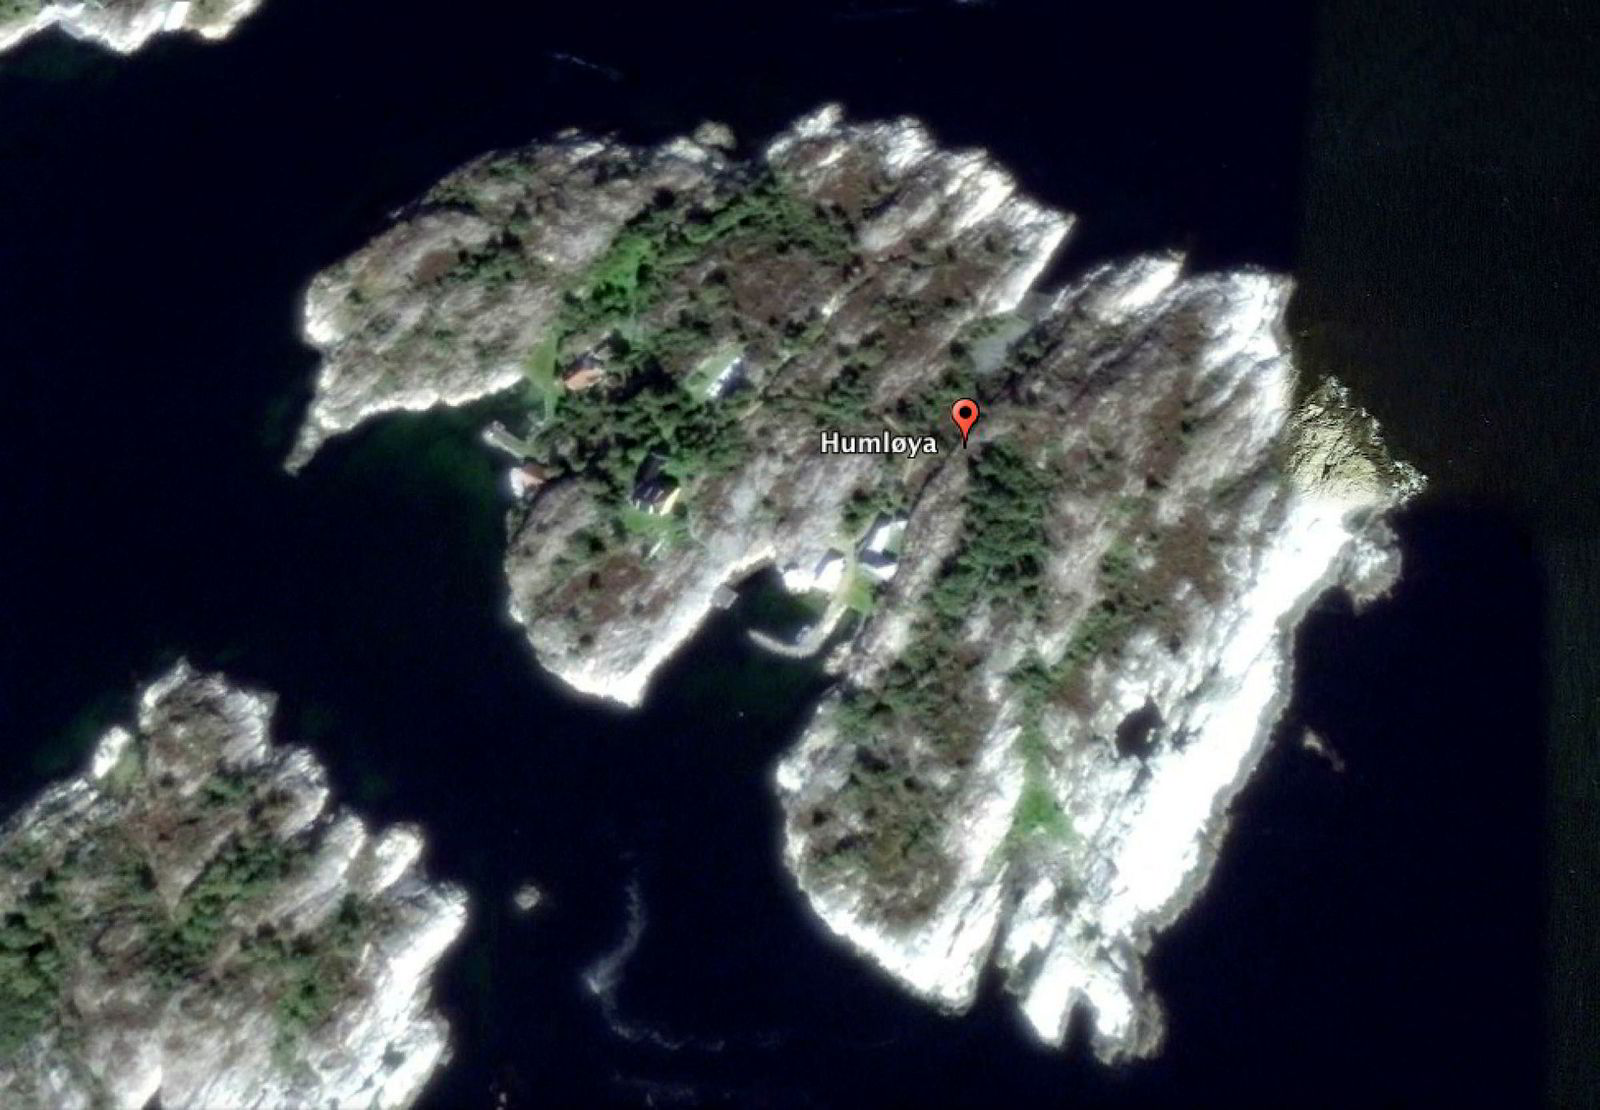 Eiendomsmegler Jan Olav Birkenes i DNB Eiendom Lillesand solgte nylig en eiendom på Humløya i Lillesand for 25,5 millioner, utenom det åpne markedet.